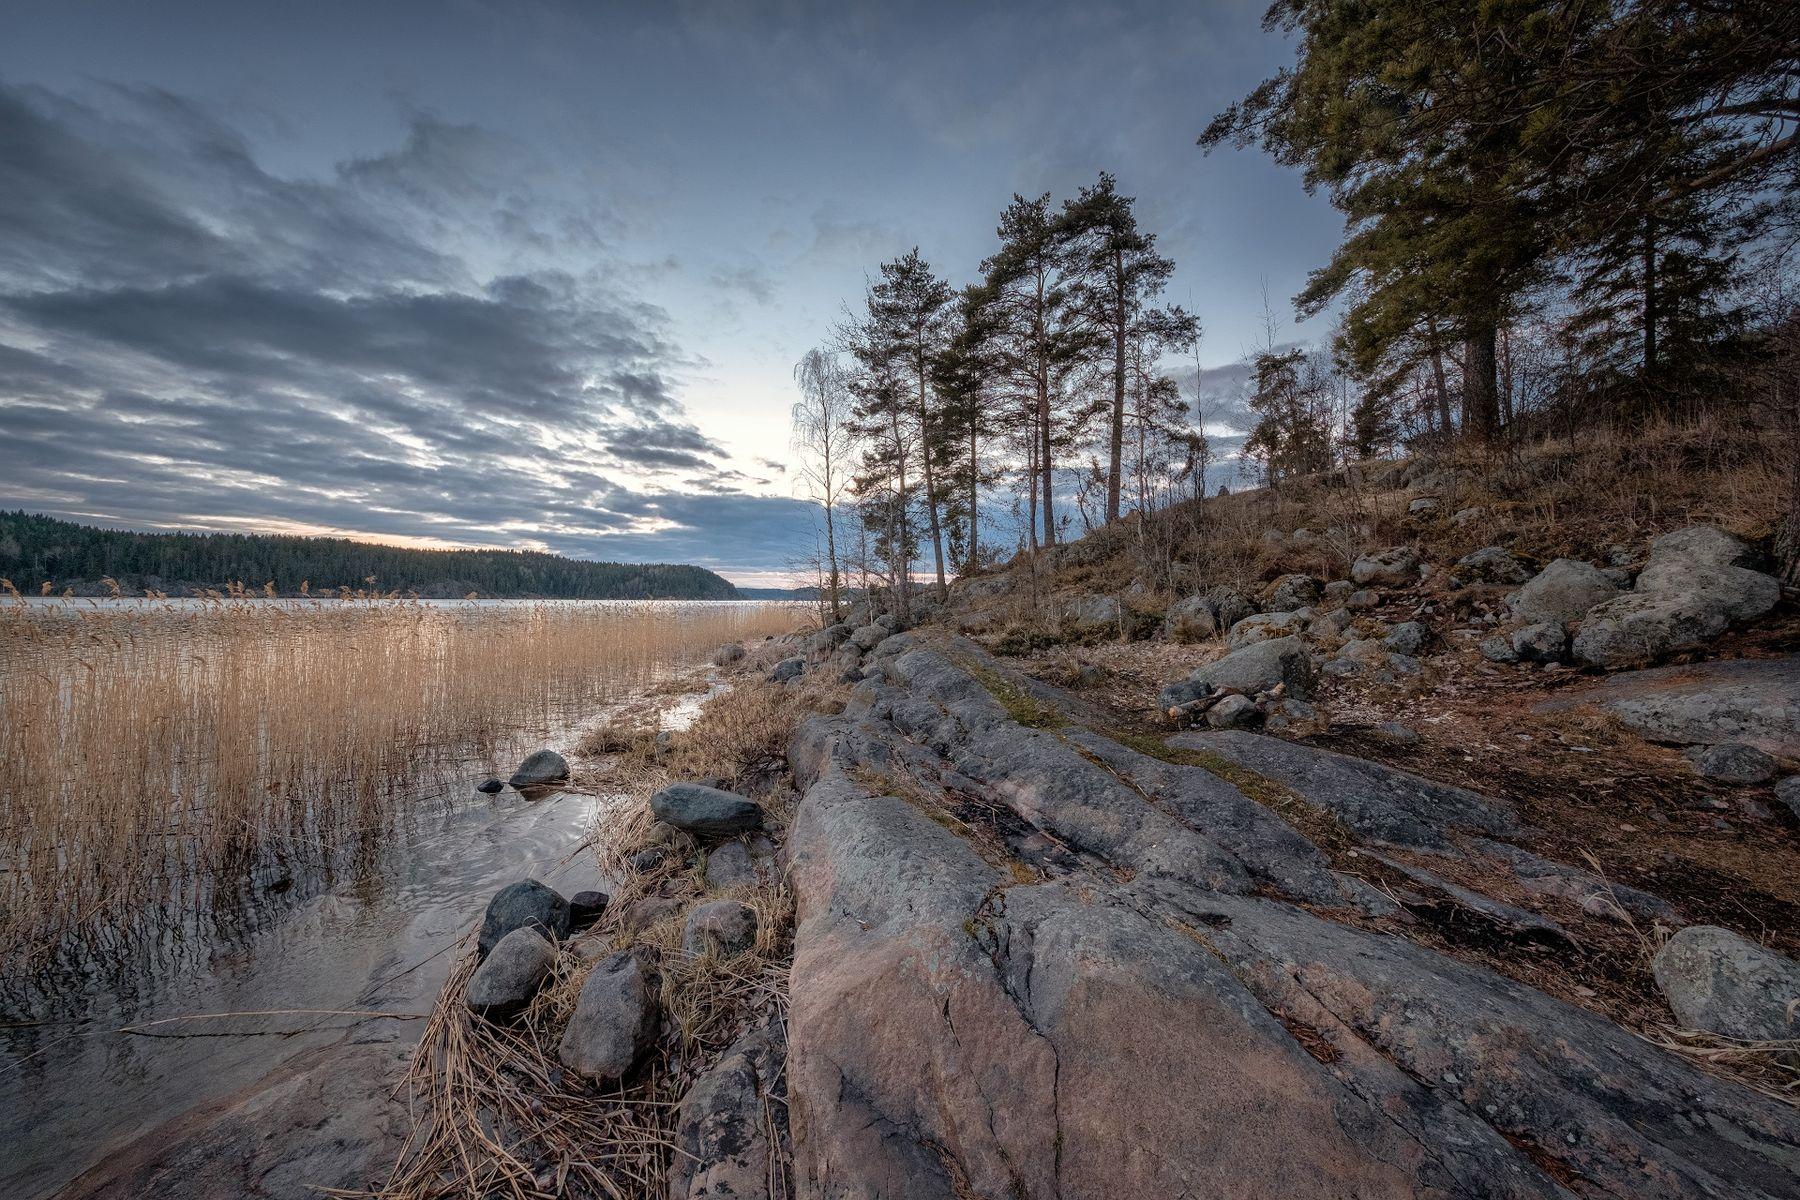 Карельские камни карелия ладога залив закат скалы камни деревья облака холод пейзаж природа